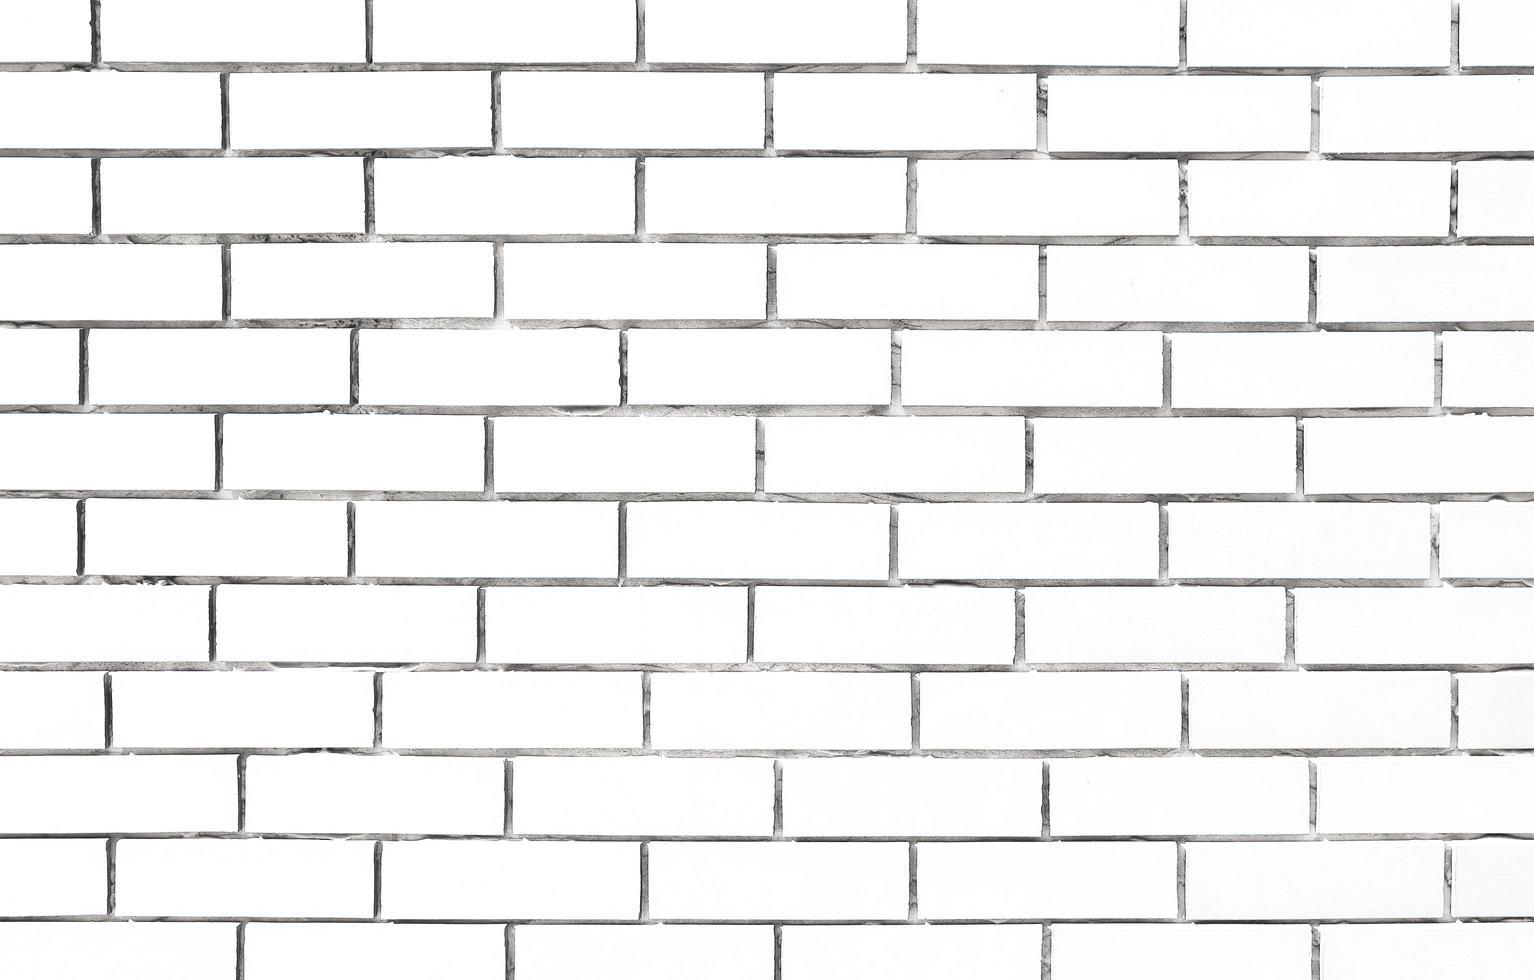 muro di cemento bianco di struttura foto